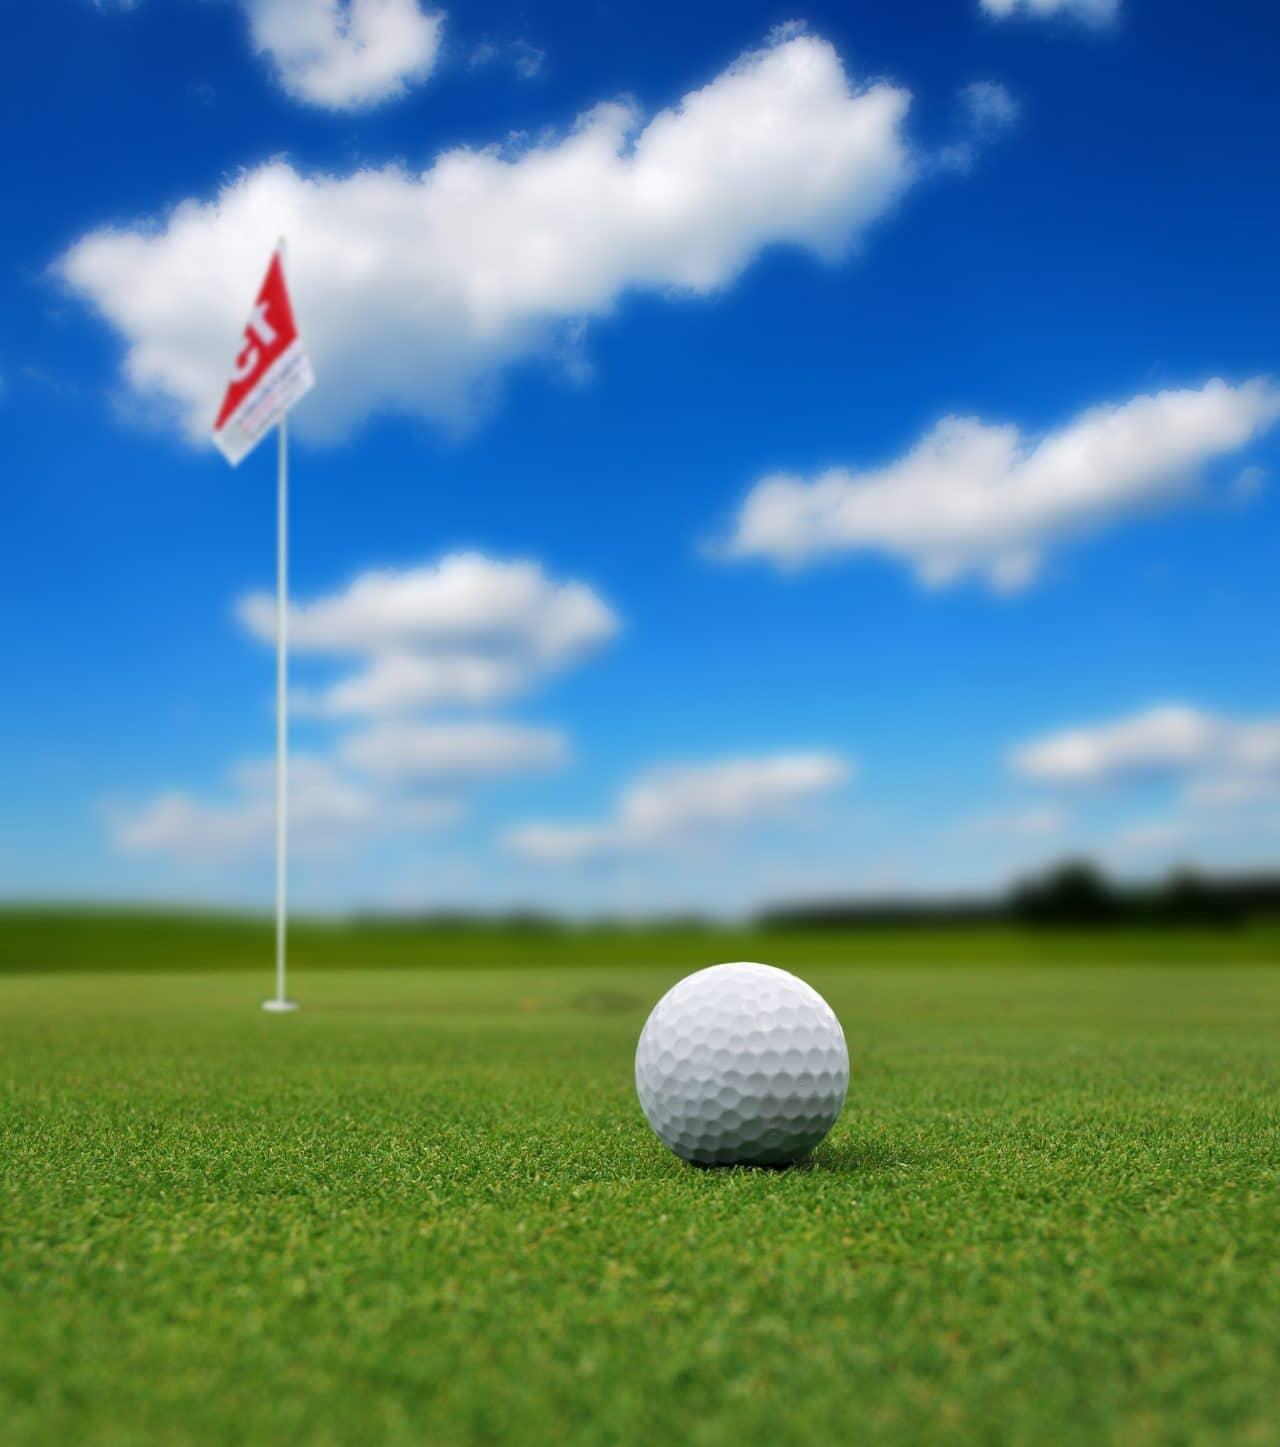 golf-iStock-904564690-1280x1447.jpg